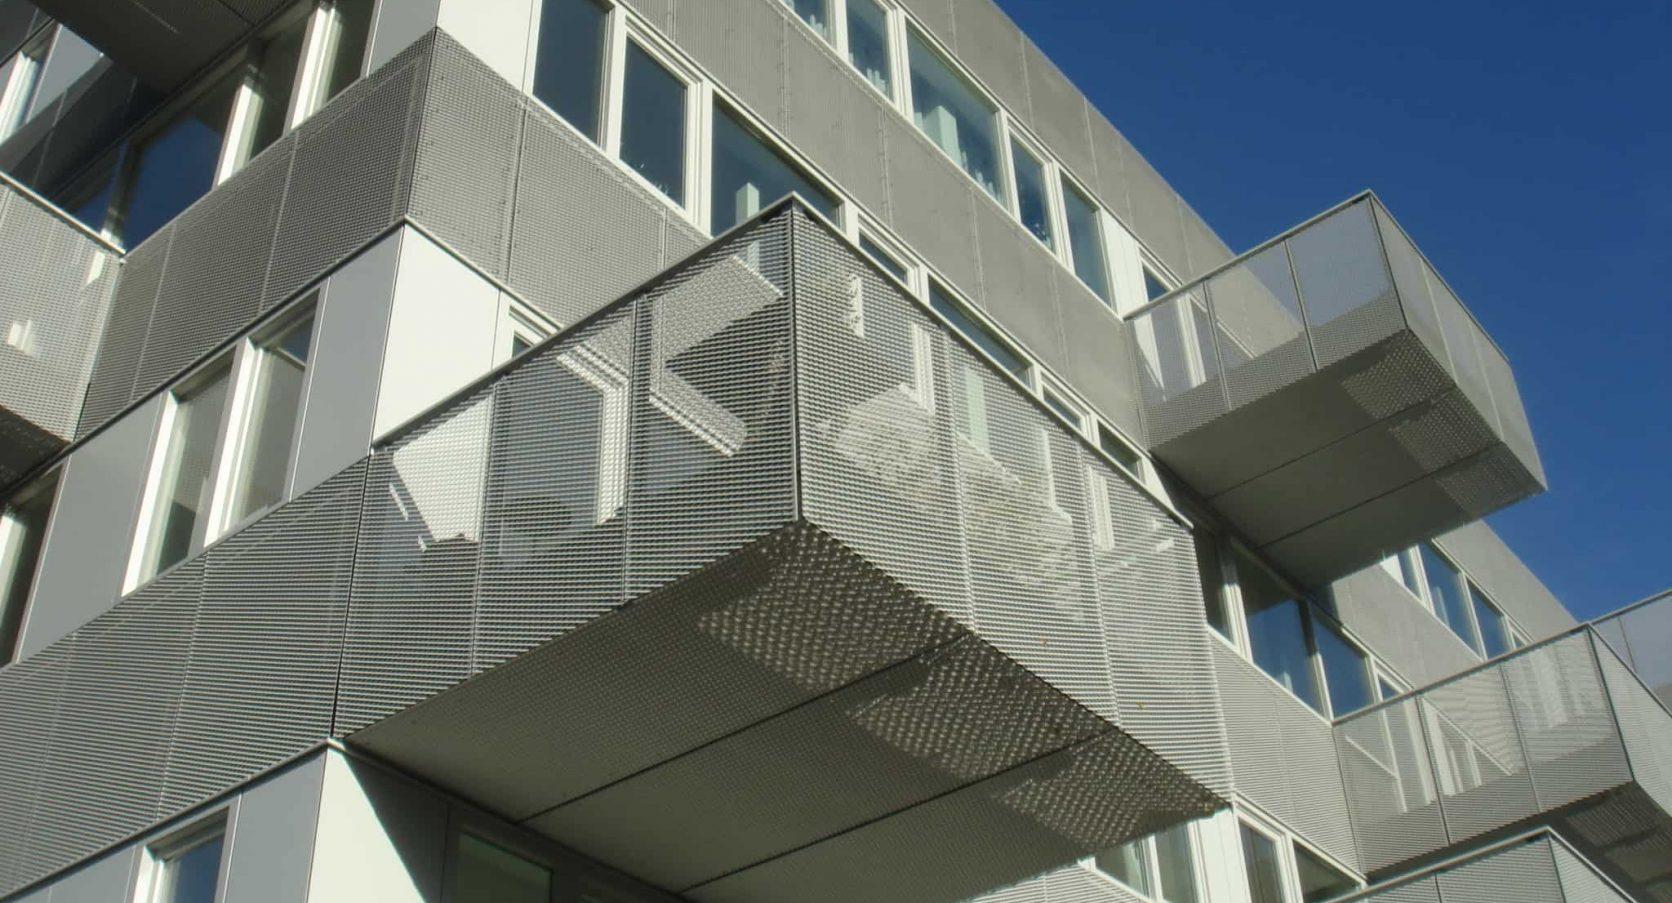 Onderaanzicht van het appartementencomplex Boogie Woogie waar de gevels en balkons voorzien zijn van strekmetaal